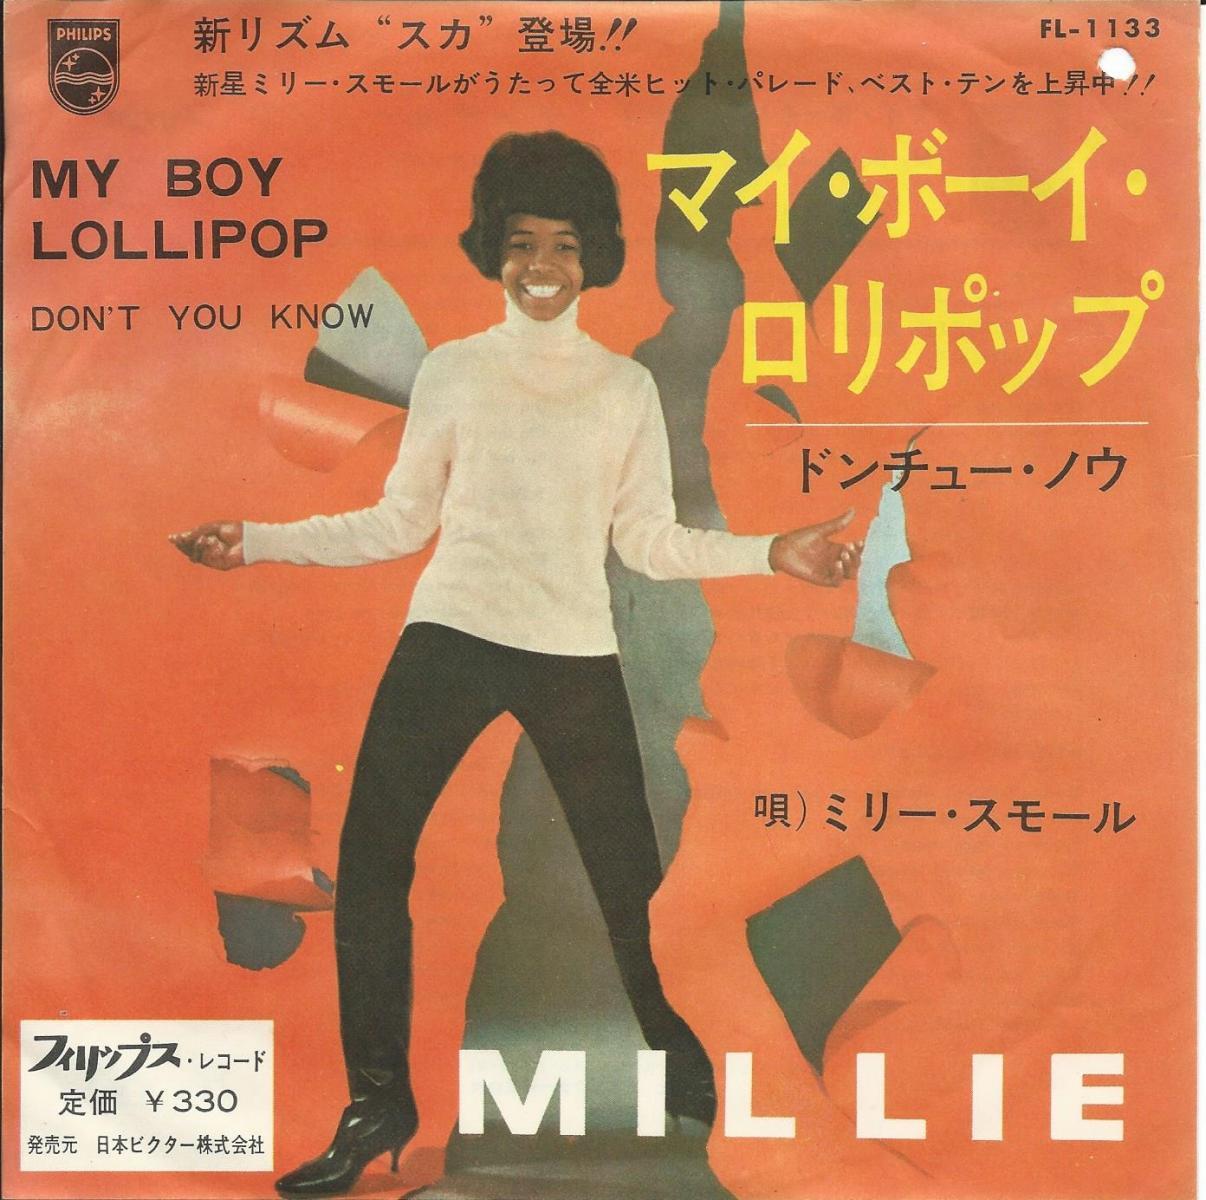 ミリー・スモール MILLIE SMALL / マイ・ボーイ・ロリポップ MY BOY LOLLIPOP / ドンチュー・ノウ DON'T YOU KNOW (7